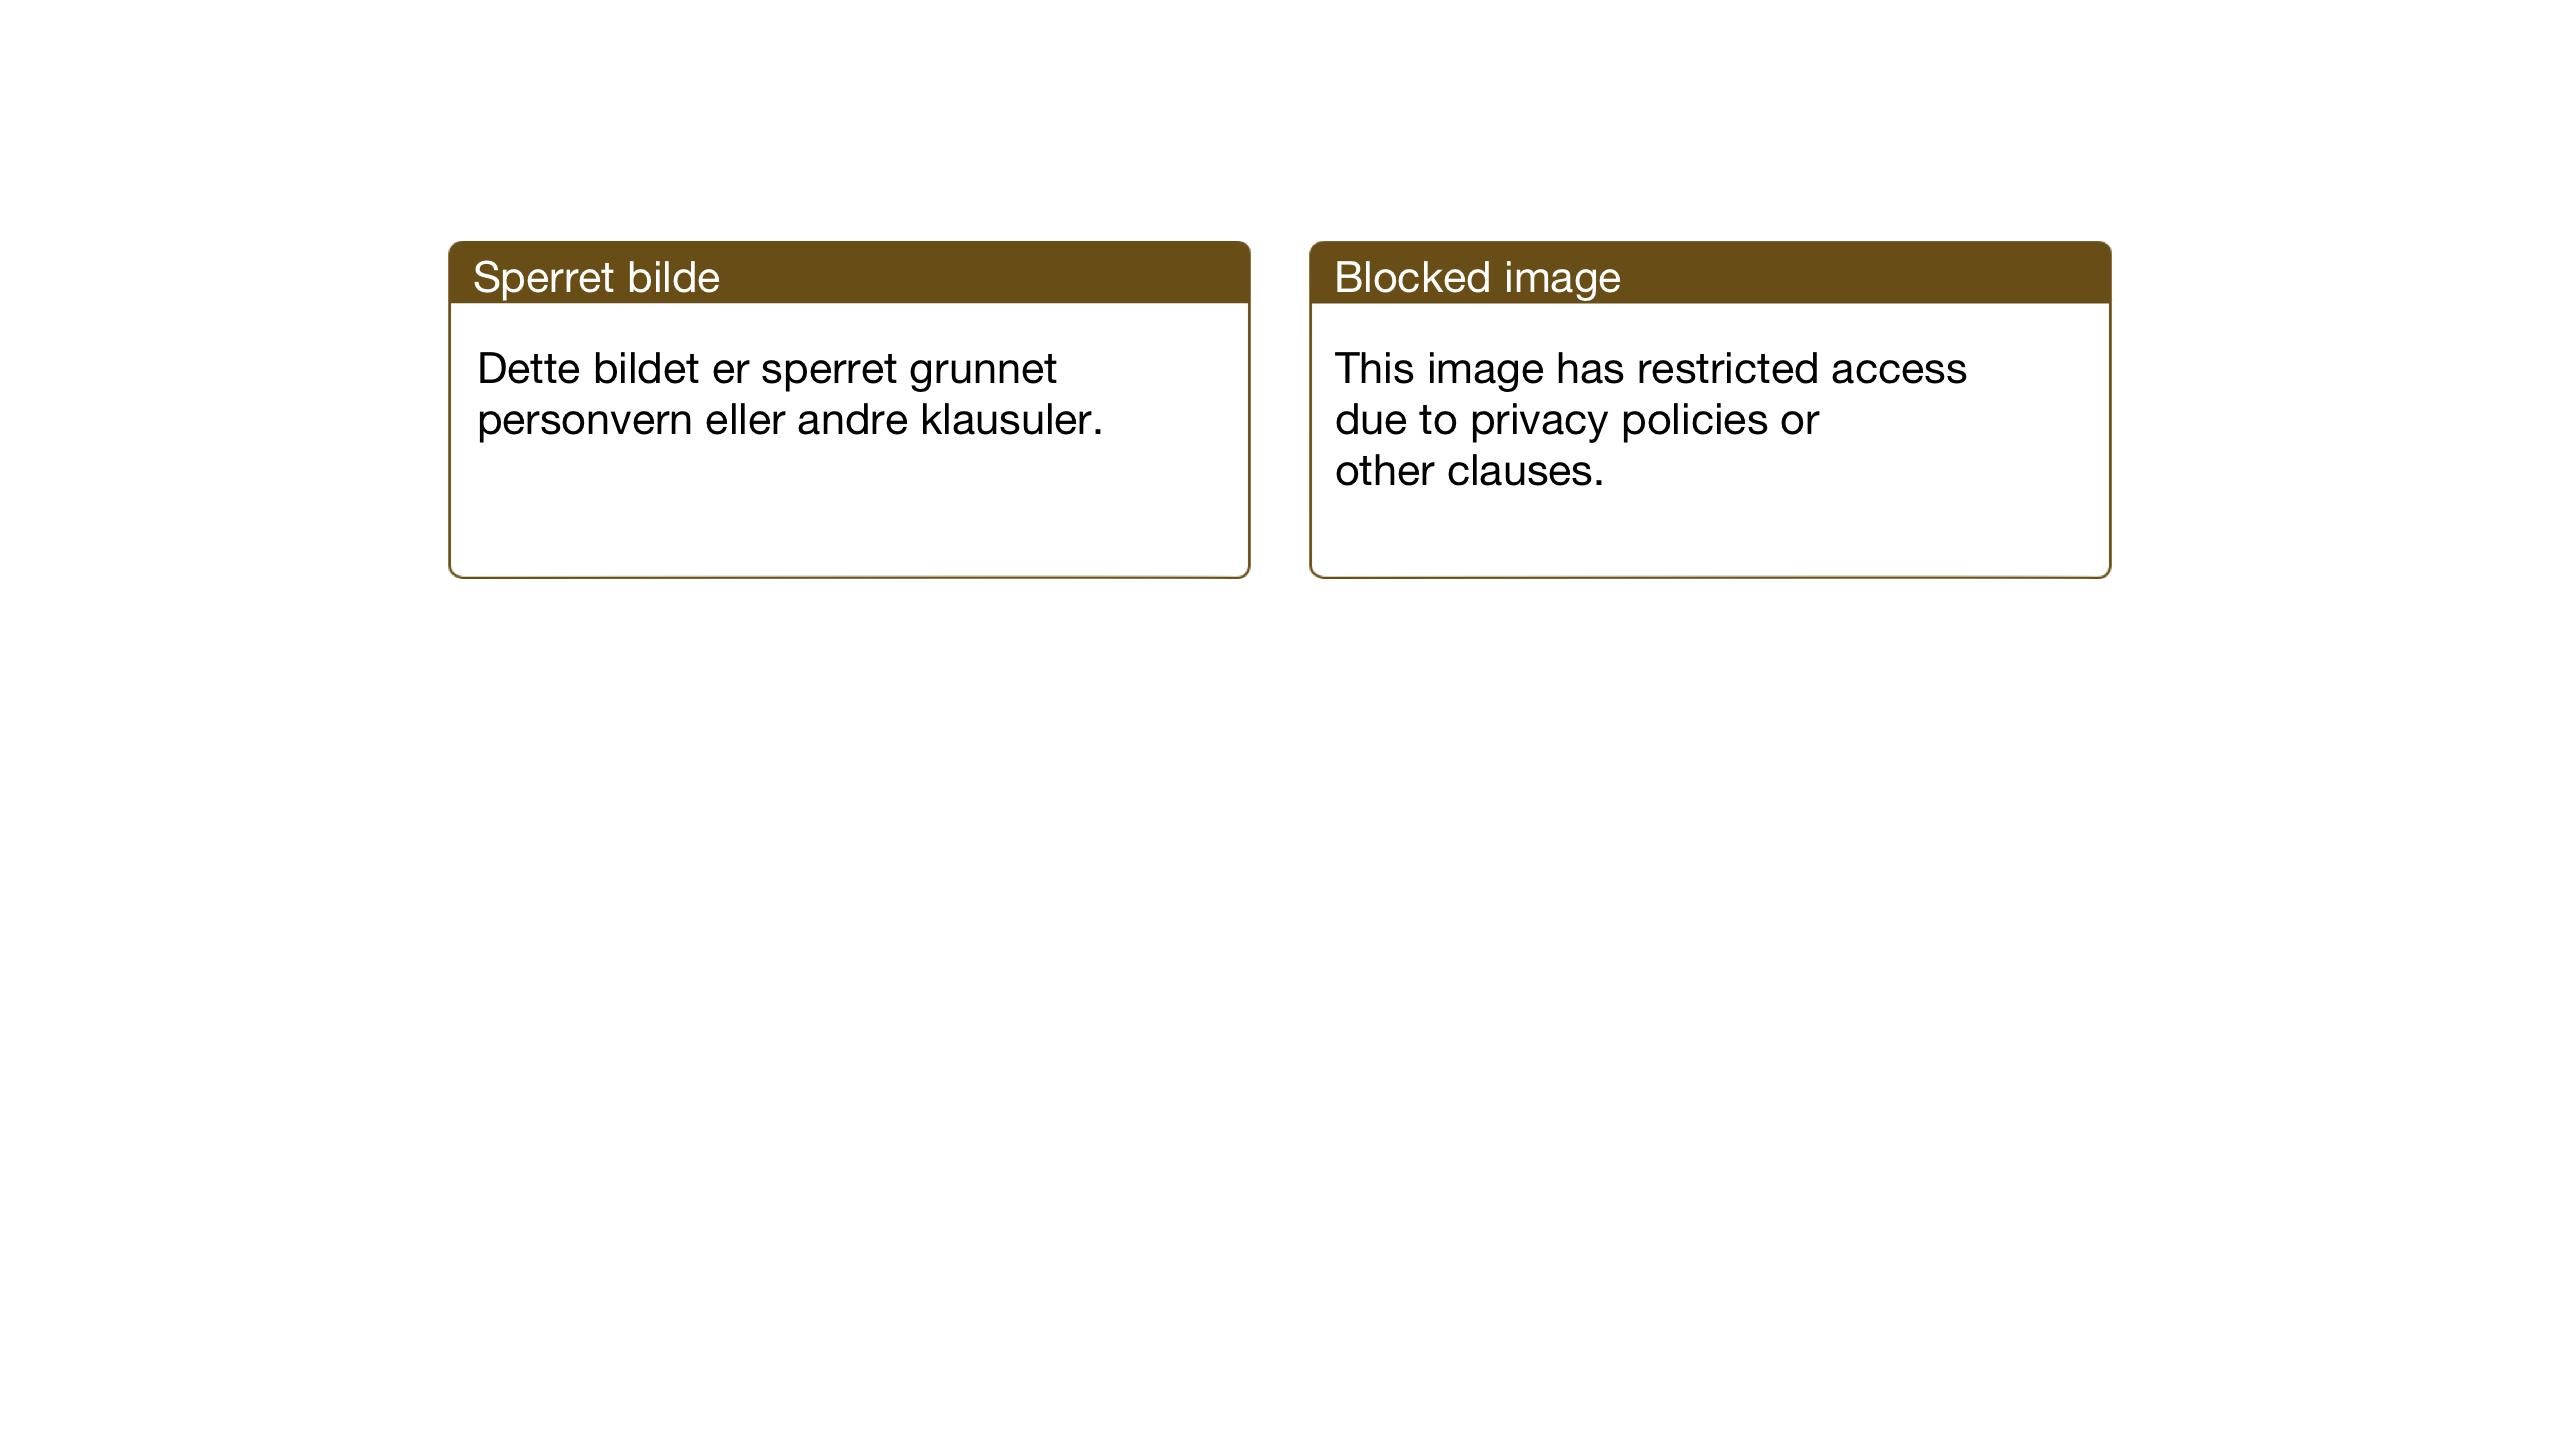 SAT, Ministerialprotokoller, klokkerbøker og fødselsregistre - Sør-Trøndelag, 638/L0569: Klokkerbok nr. 638C01, 1923-1961, s. 215